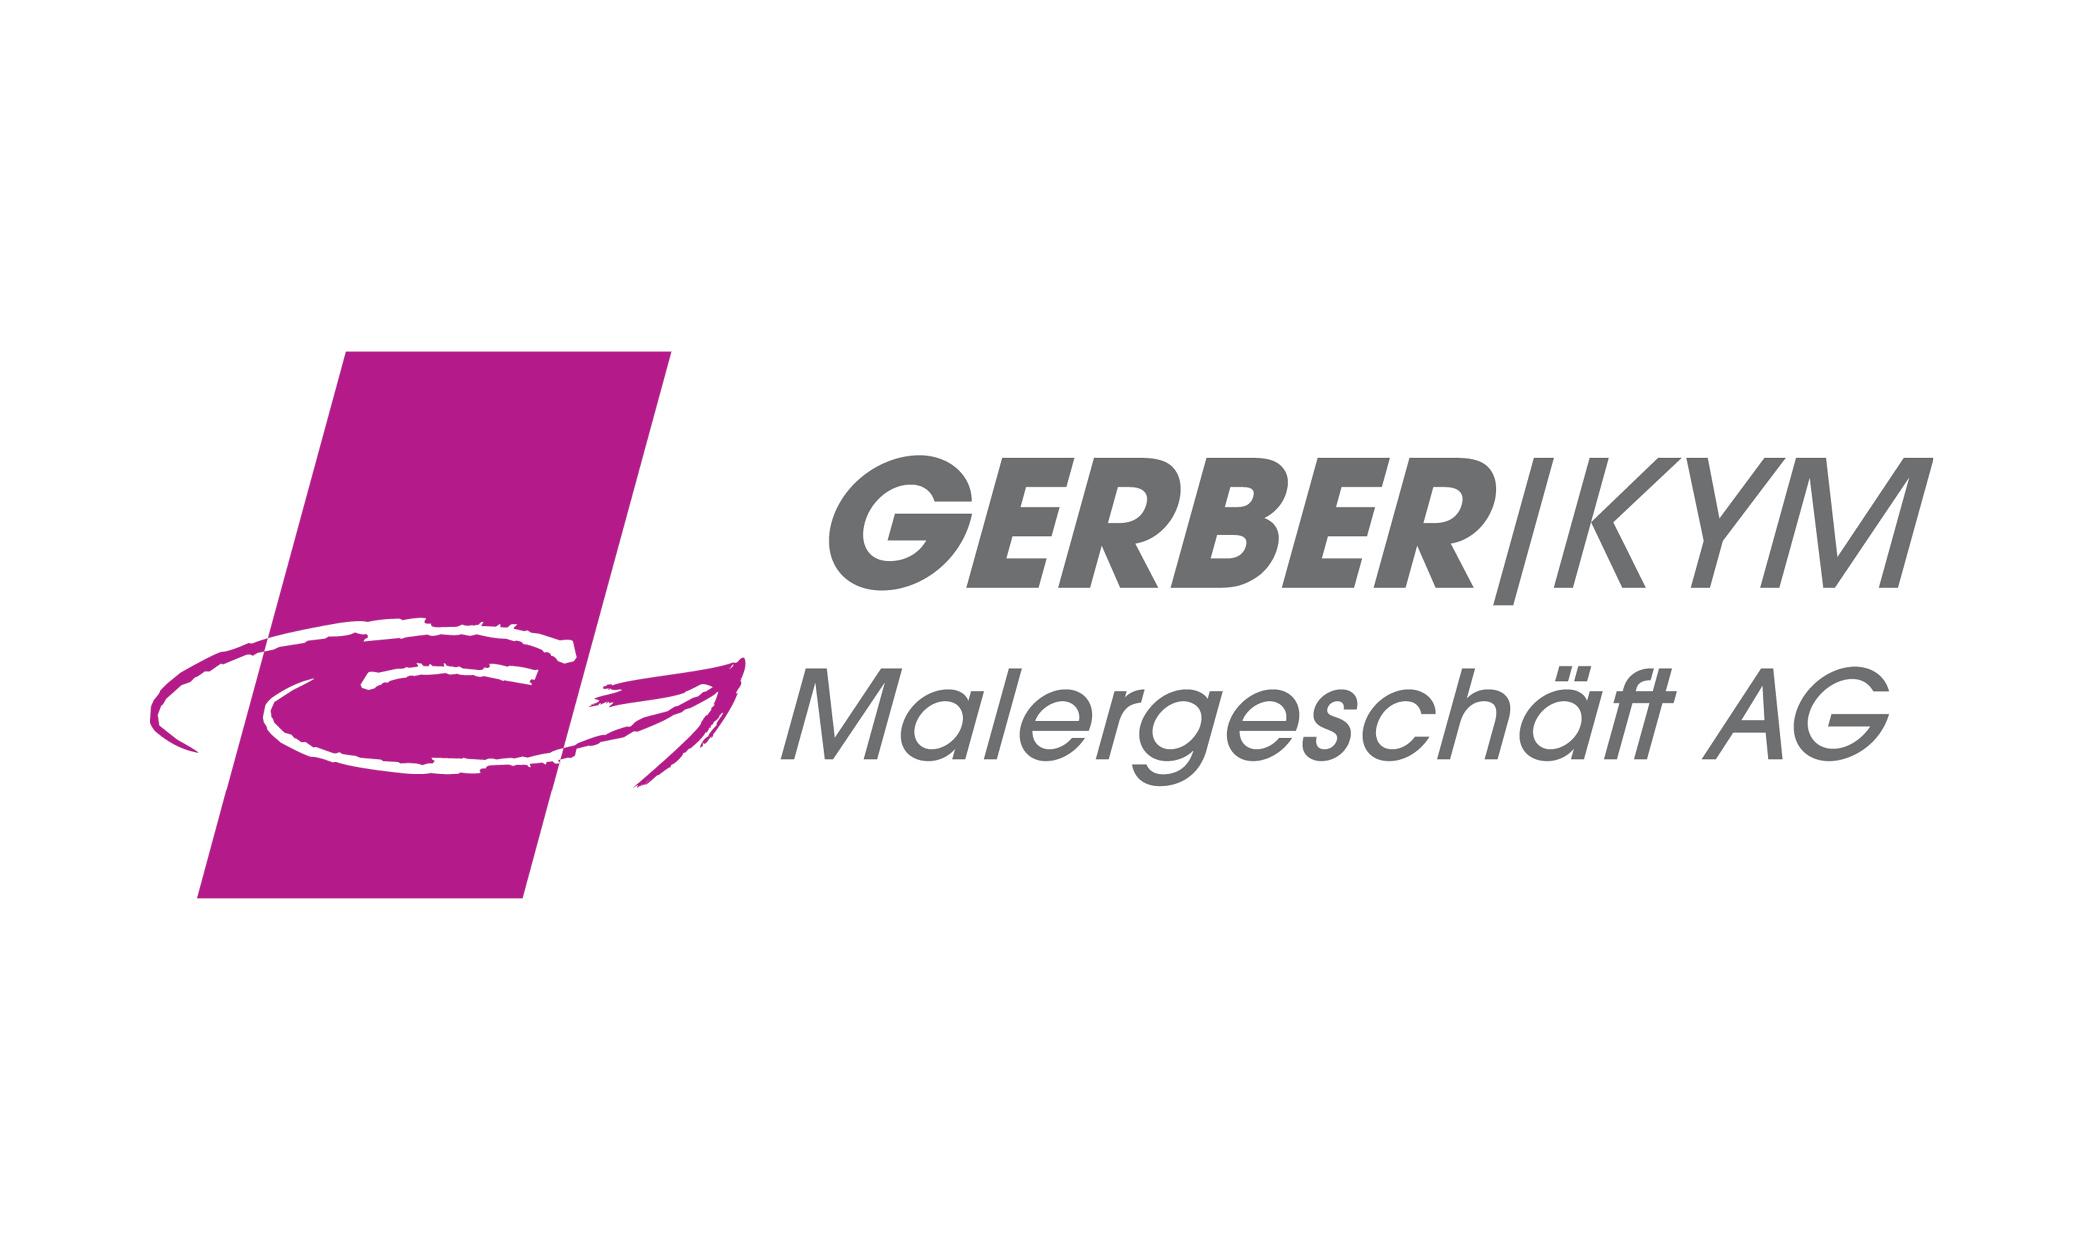 GERBER/KYM Malergeschäft AG